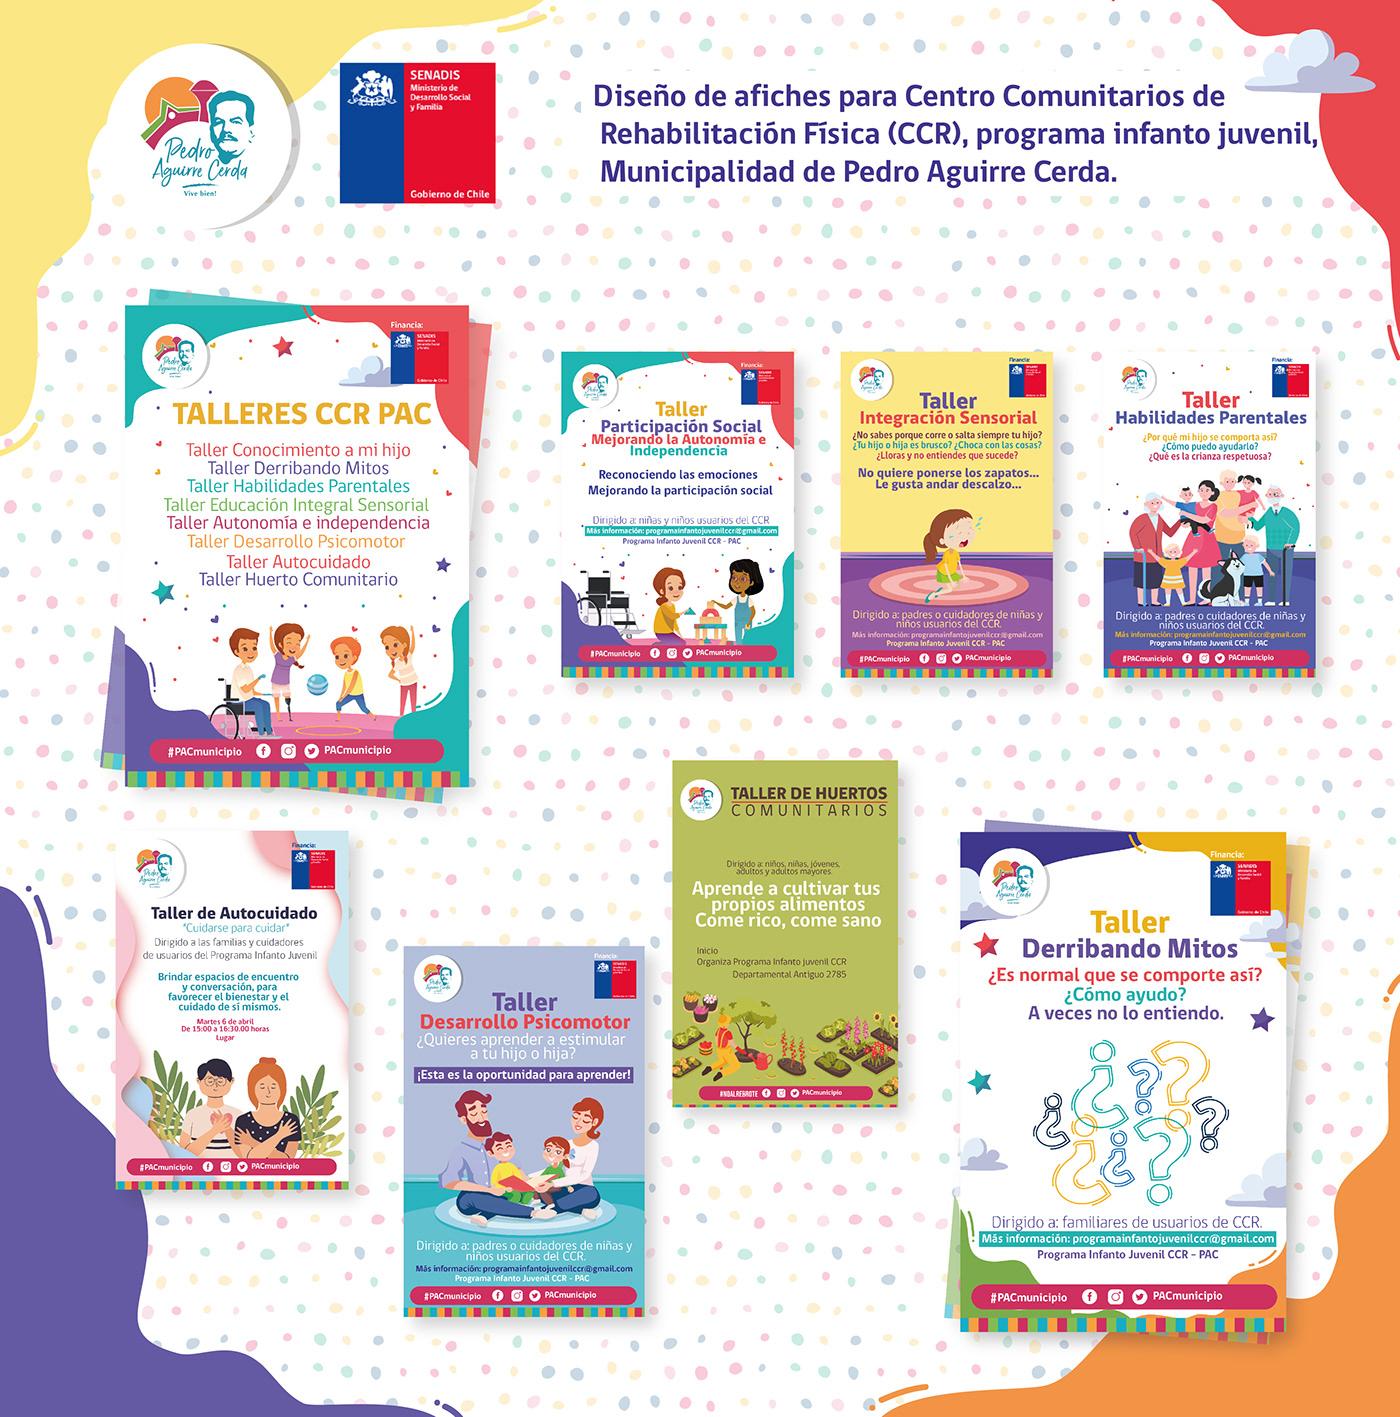 Afiches Campañas de salud CCR chile diseño diseño gráfico gobierno de chile infanto juvenil municipalidad salud